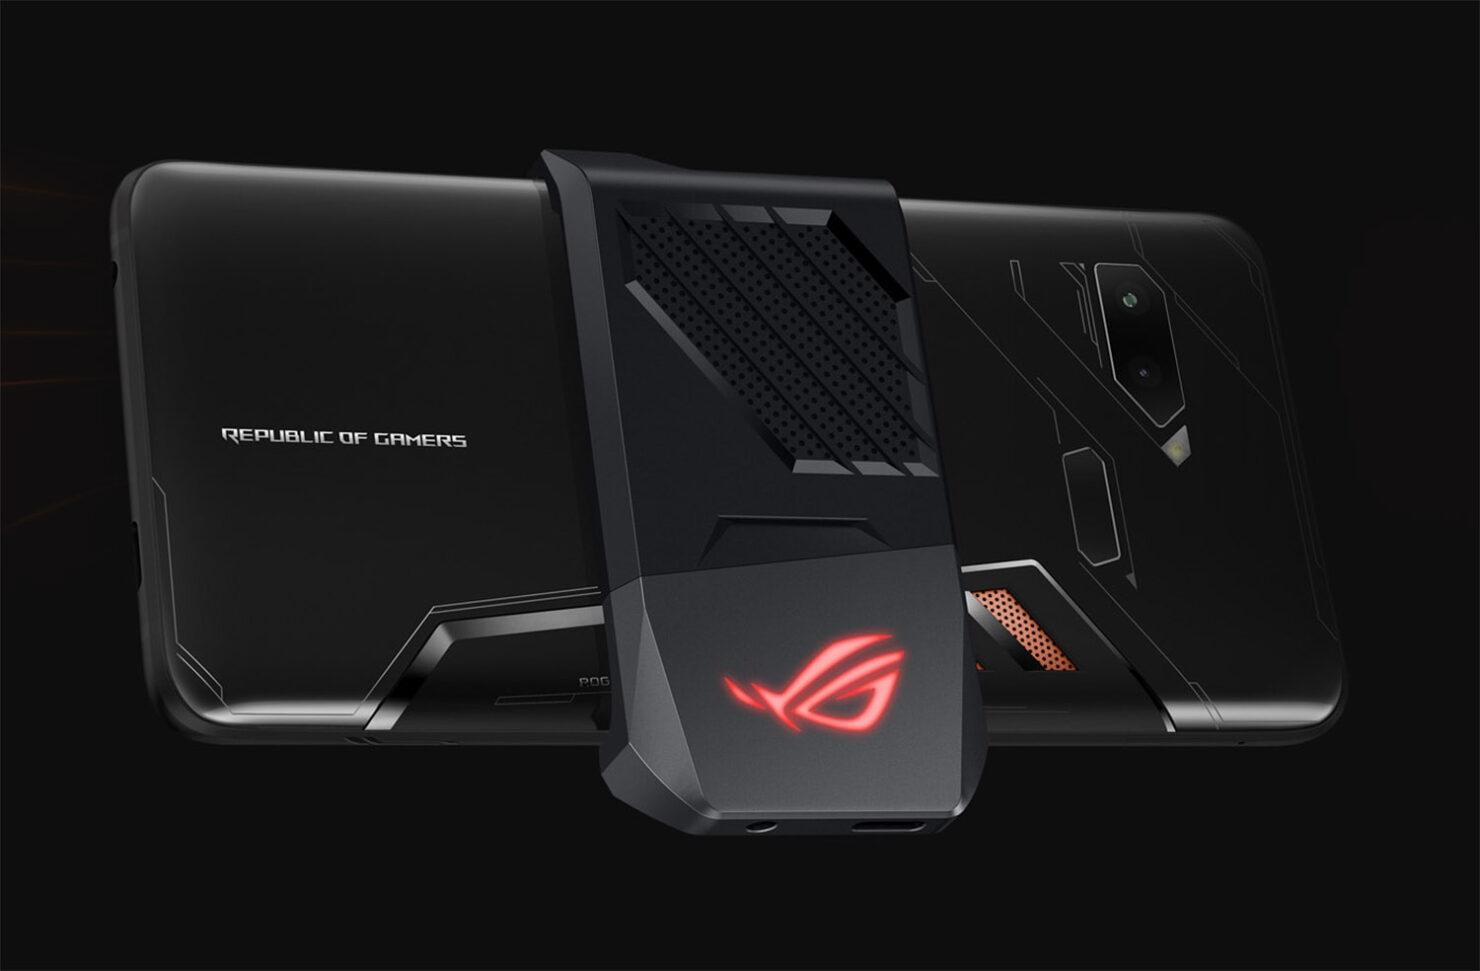 Asus ROG Phone 2 hasta extremadamente bajo por un tiempo limitado: con Snapdragon 855 Plus, 8 GB de RAM, más 2